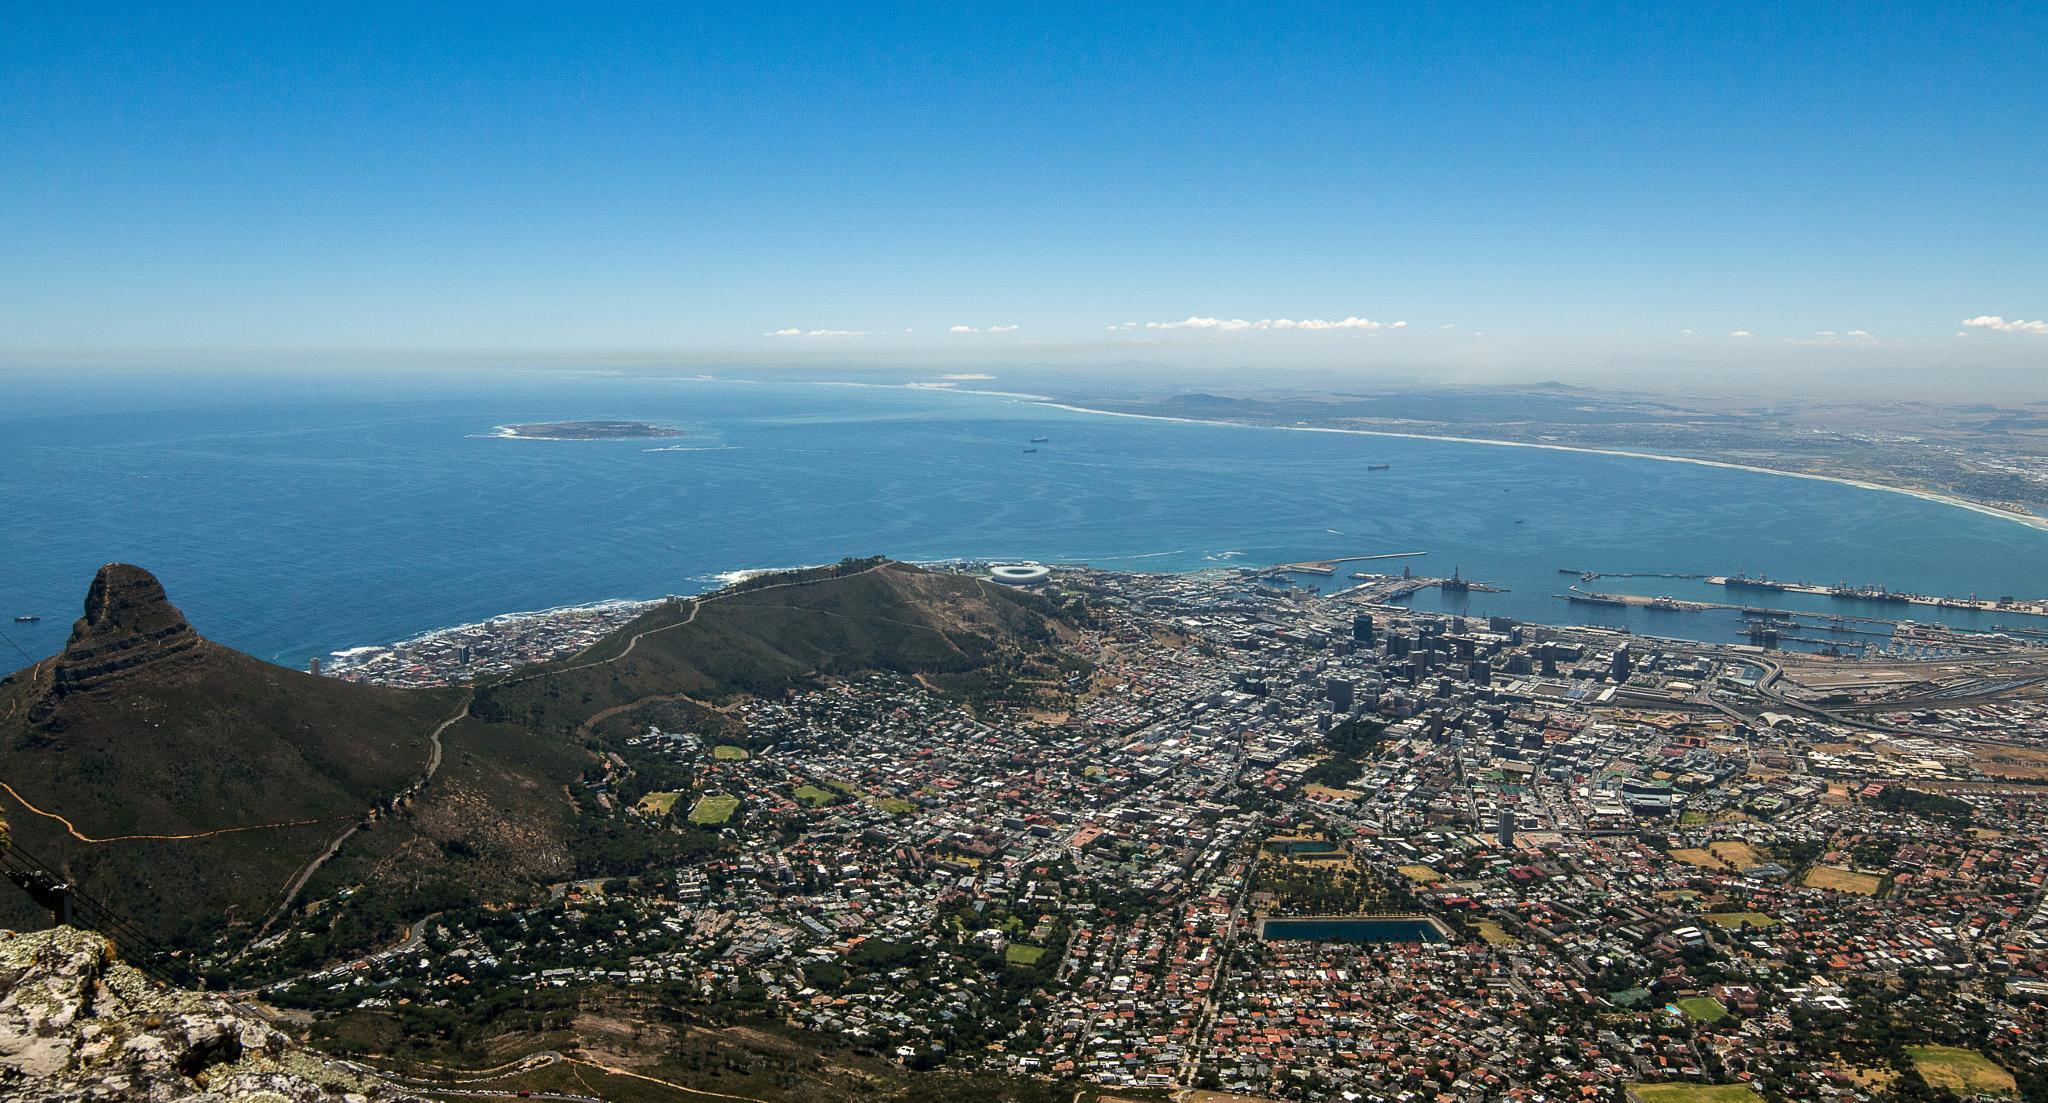 Cape Town by Photogr@pher L@rssa L@rsson